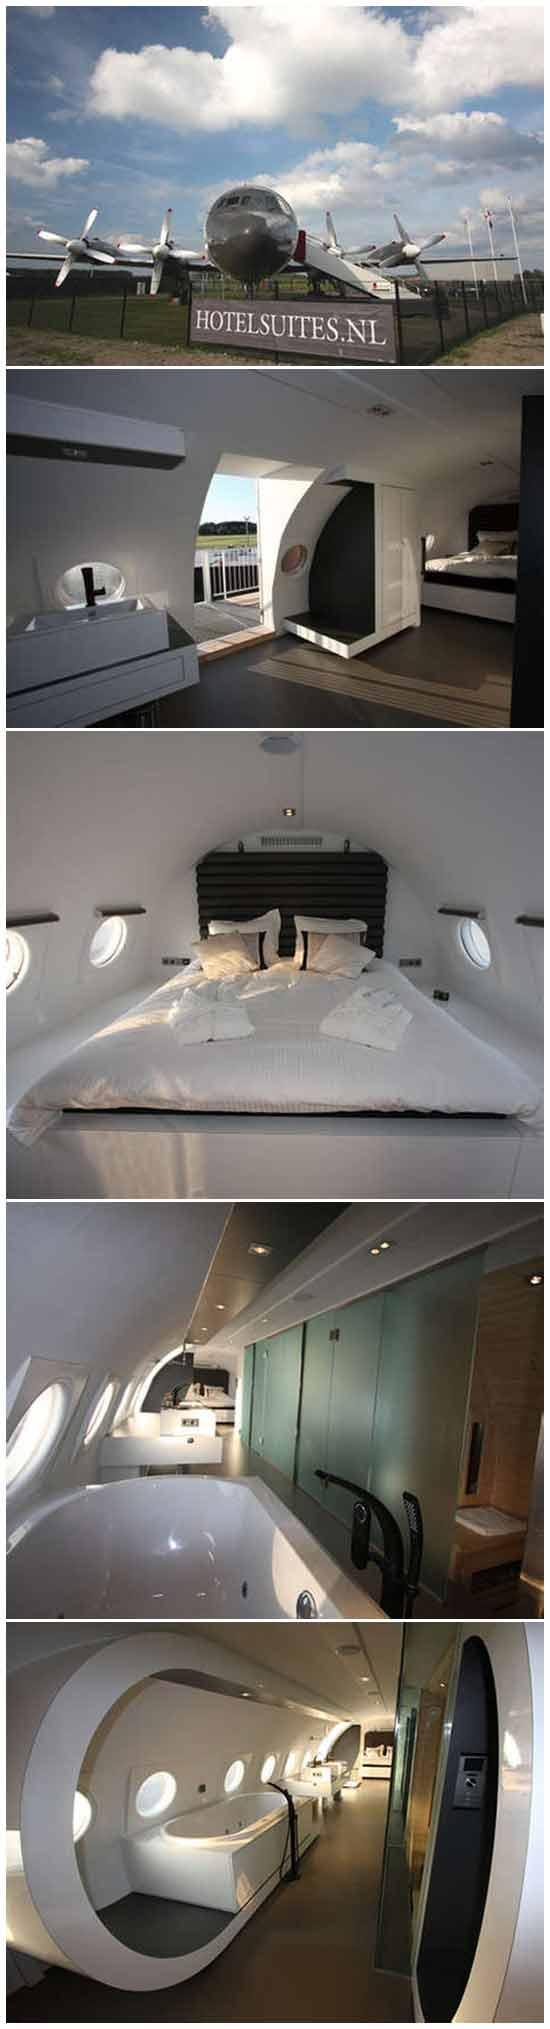 Необычная идея в гостиничном бизнесе: Отель в военном самолете